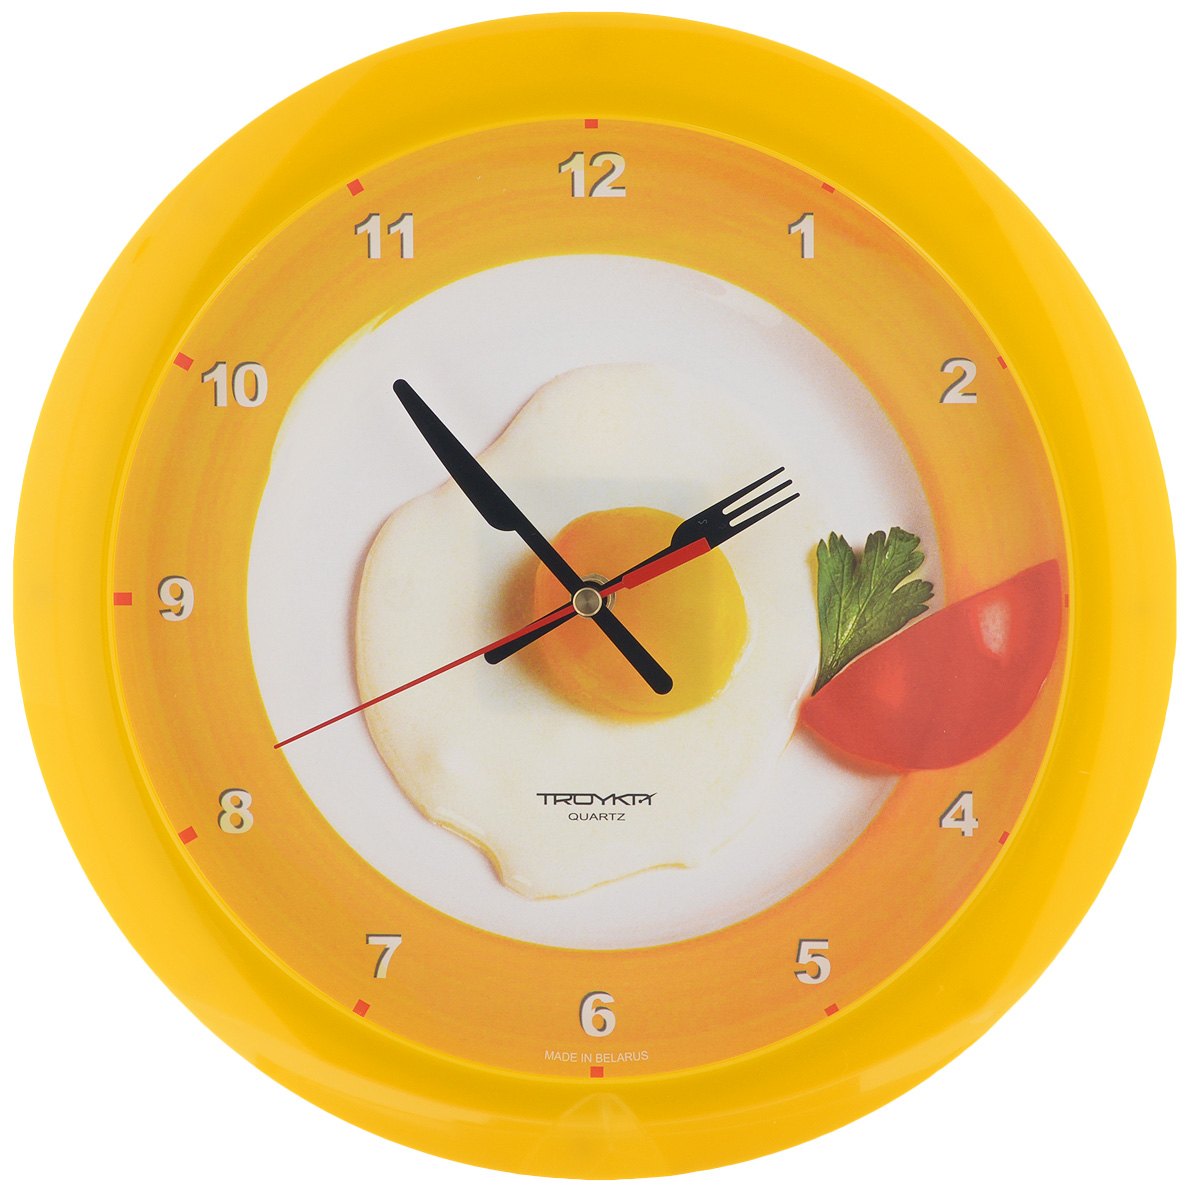 Часы настенные Troyka Яичница, цвет: белый, желтый. 11150178729548Настенные кварцевые часы Troyka Яичница, изготовленные из пластика, прекрасно подойдут под интерьер вашего дома. Круглые часы имеют три стрелки: часовую, минутную и секундную, циферблат украшен изображением яичницы и защищен прозрачным пластиком.Диаметр часов: 29 см.Часы работают от 1 батарейки типа АА напряжением 1,5 В (входит в комплект). Материал: пластик; размер: диаметр 290 мм; цвет: желтый